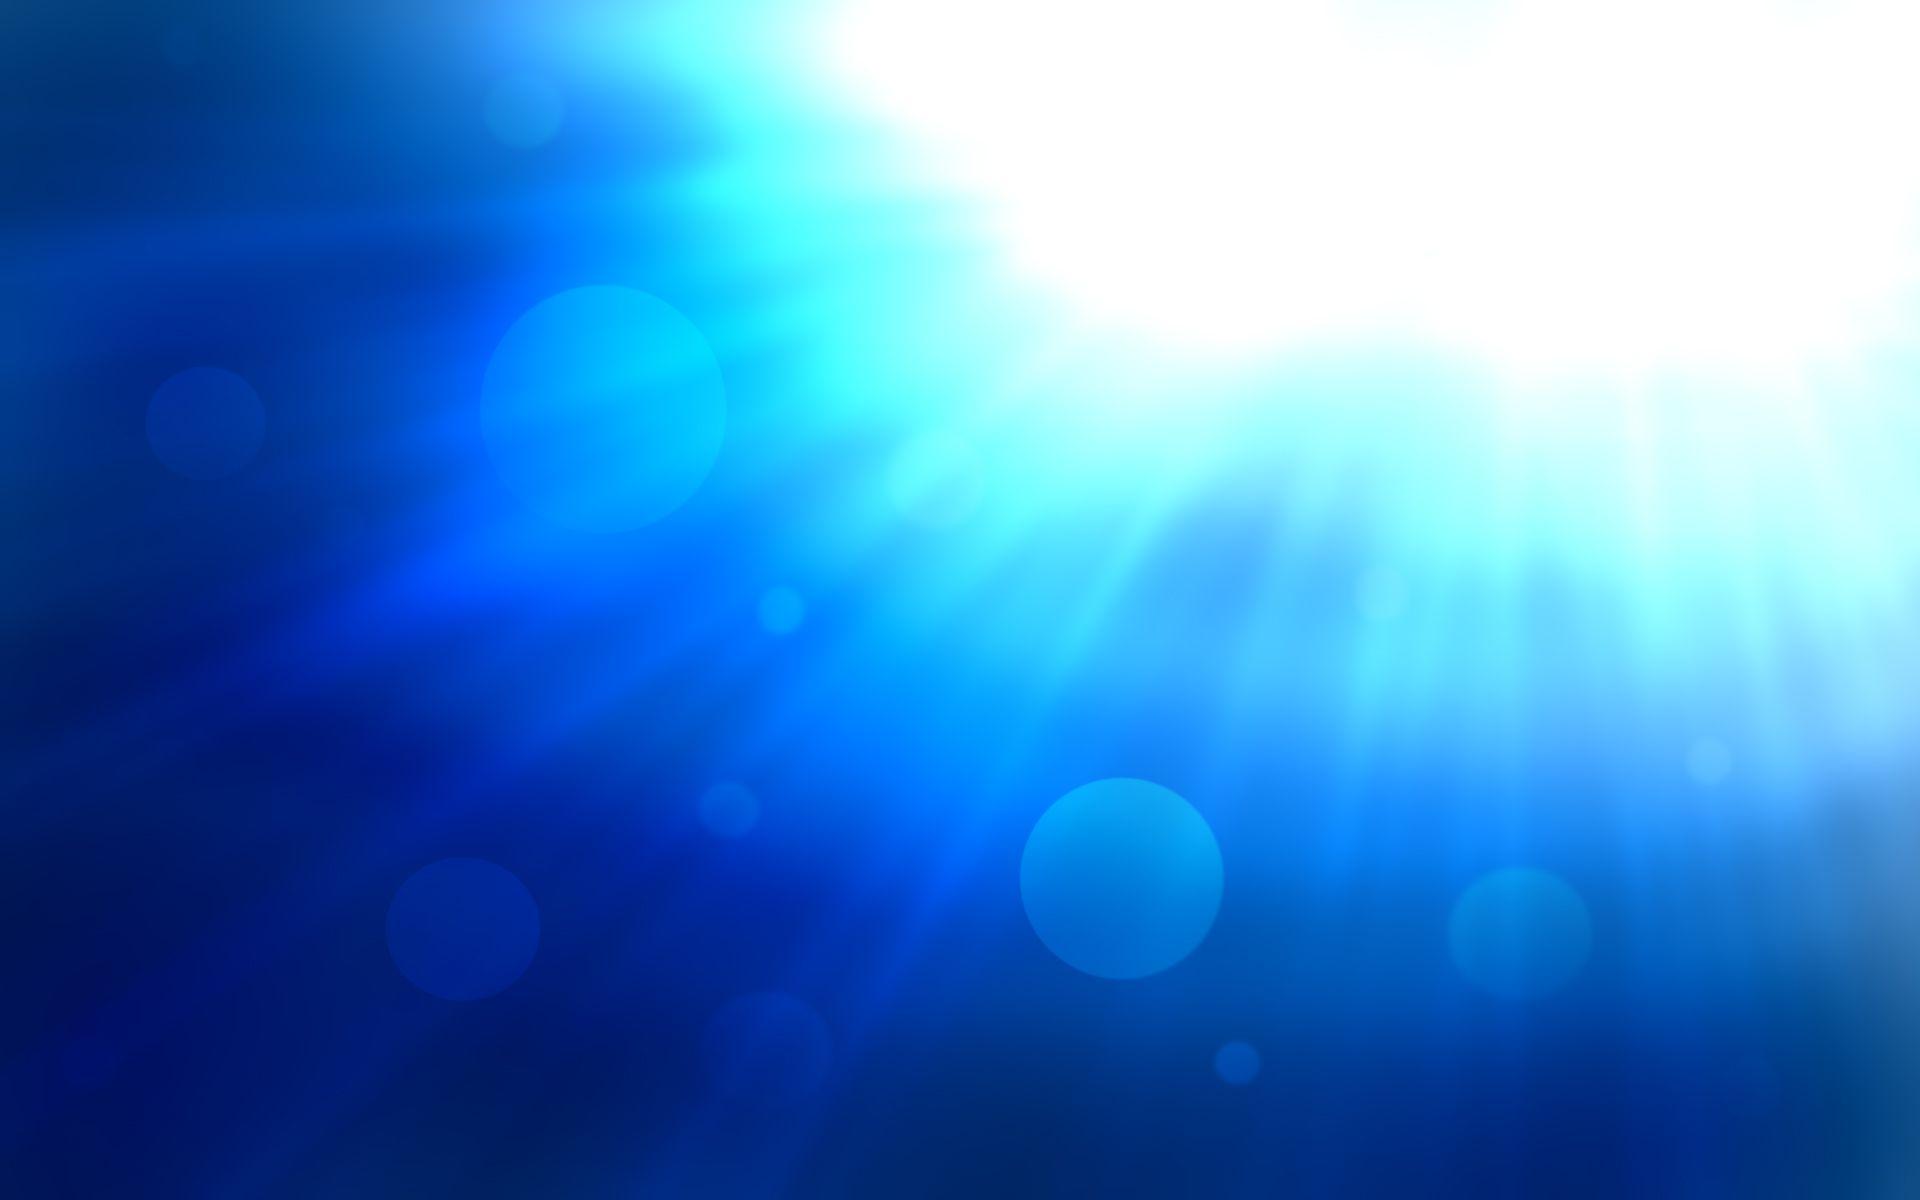 Fondos azules abstractos gratis para fondo celular en hd 18 hd fondos azules abstractos gratis para fondo celular en hd 18 hd wallpapers voltagebd Image collections